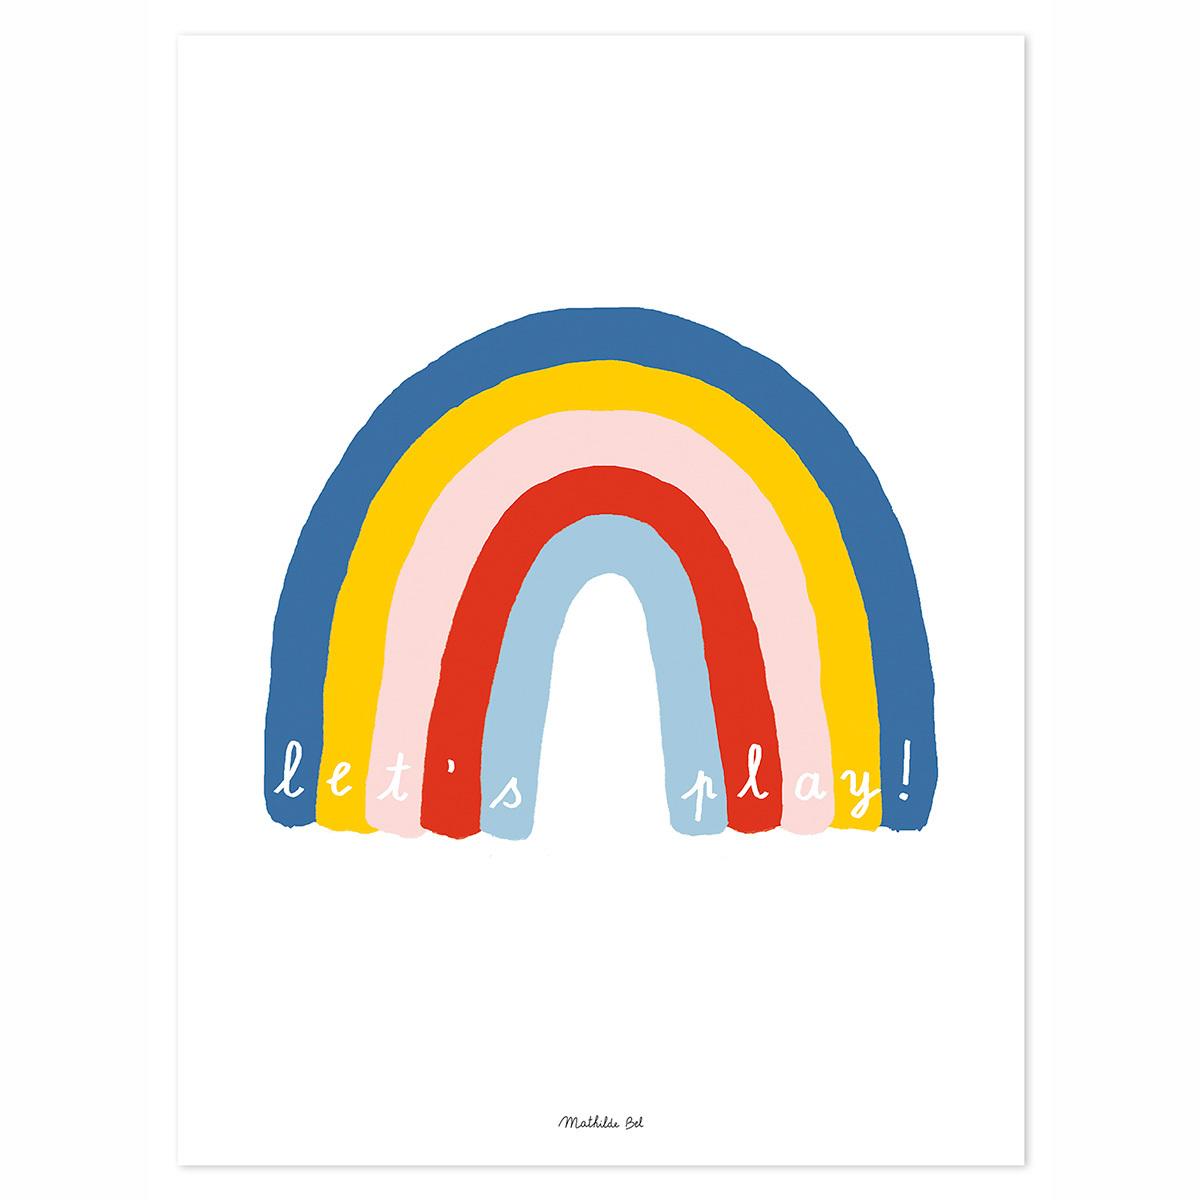 Affiche & poster Affiche Arc-En-Ciel Affiche Arc-En-Ciel